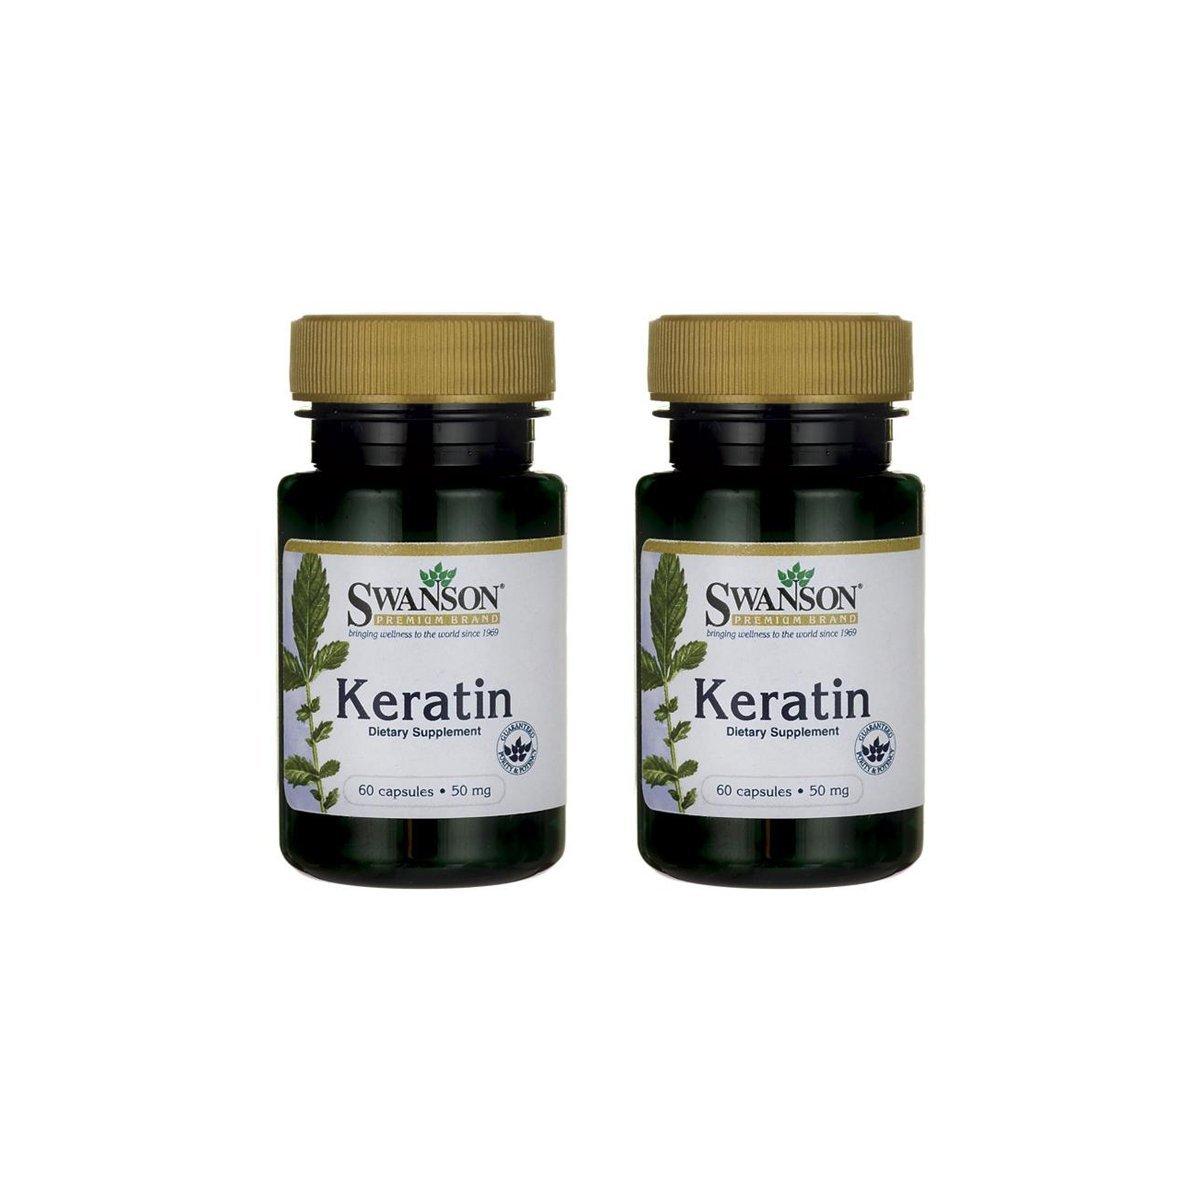 Swanson Keratin 50 mg 60 Caps 2 Pack